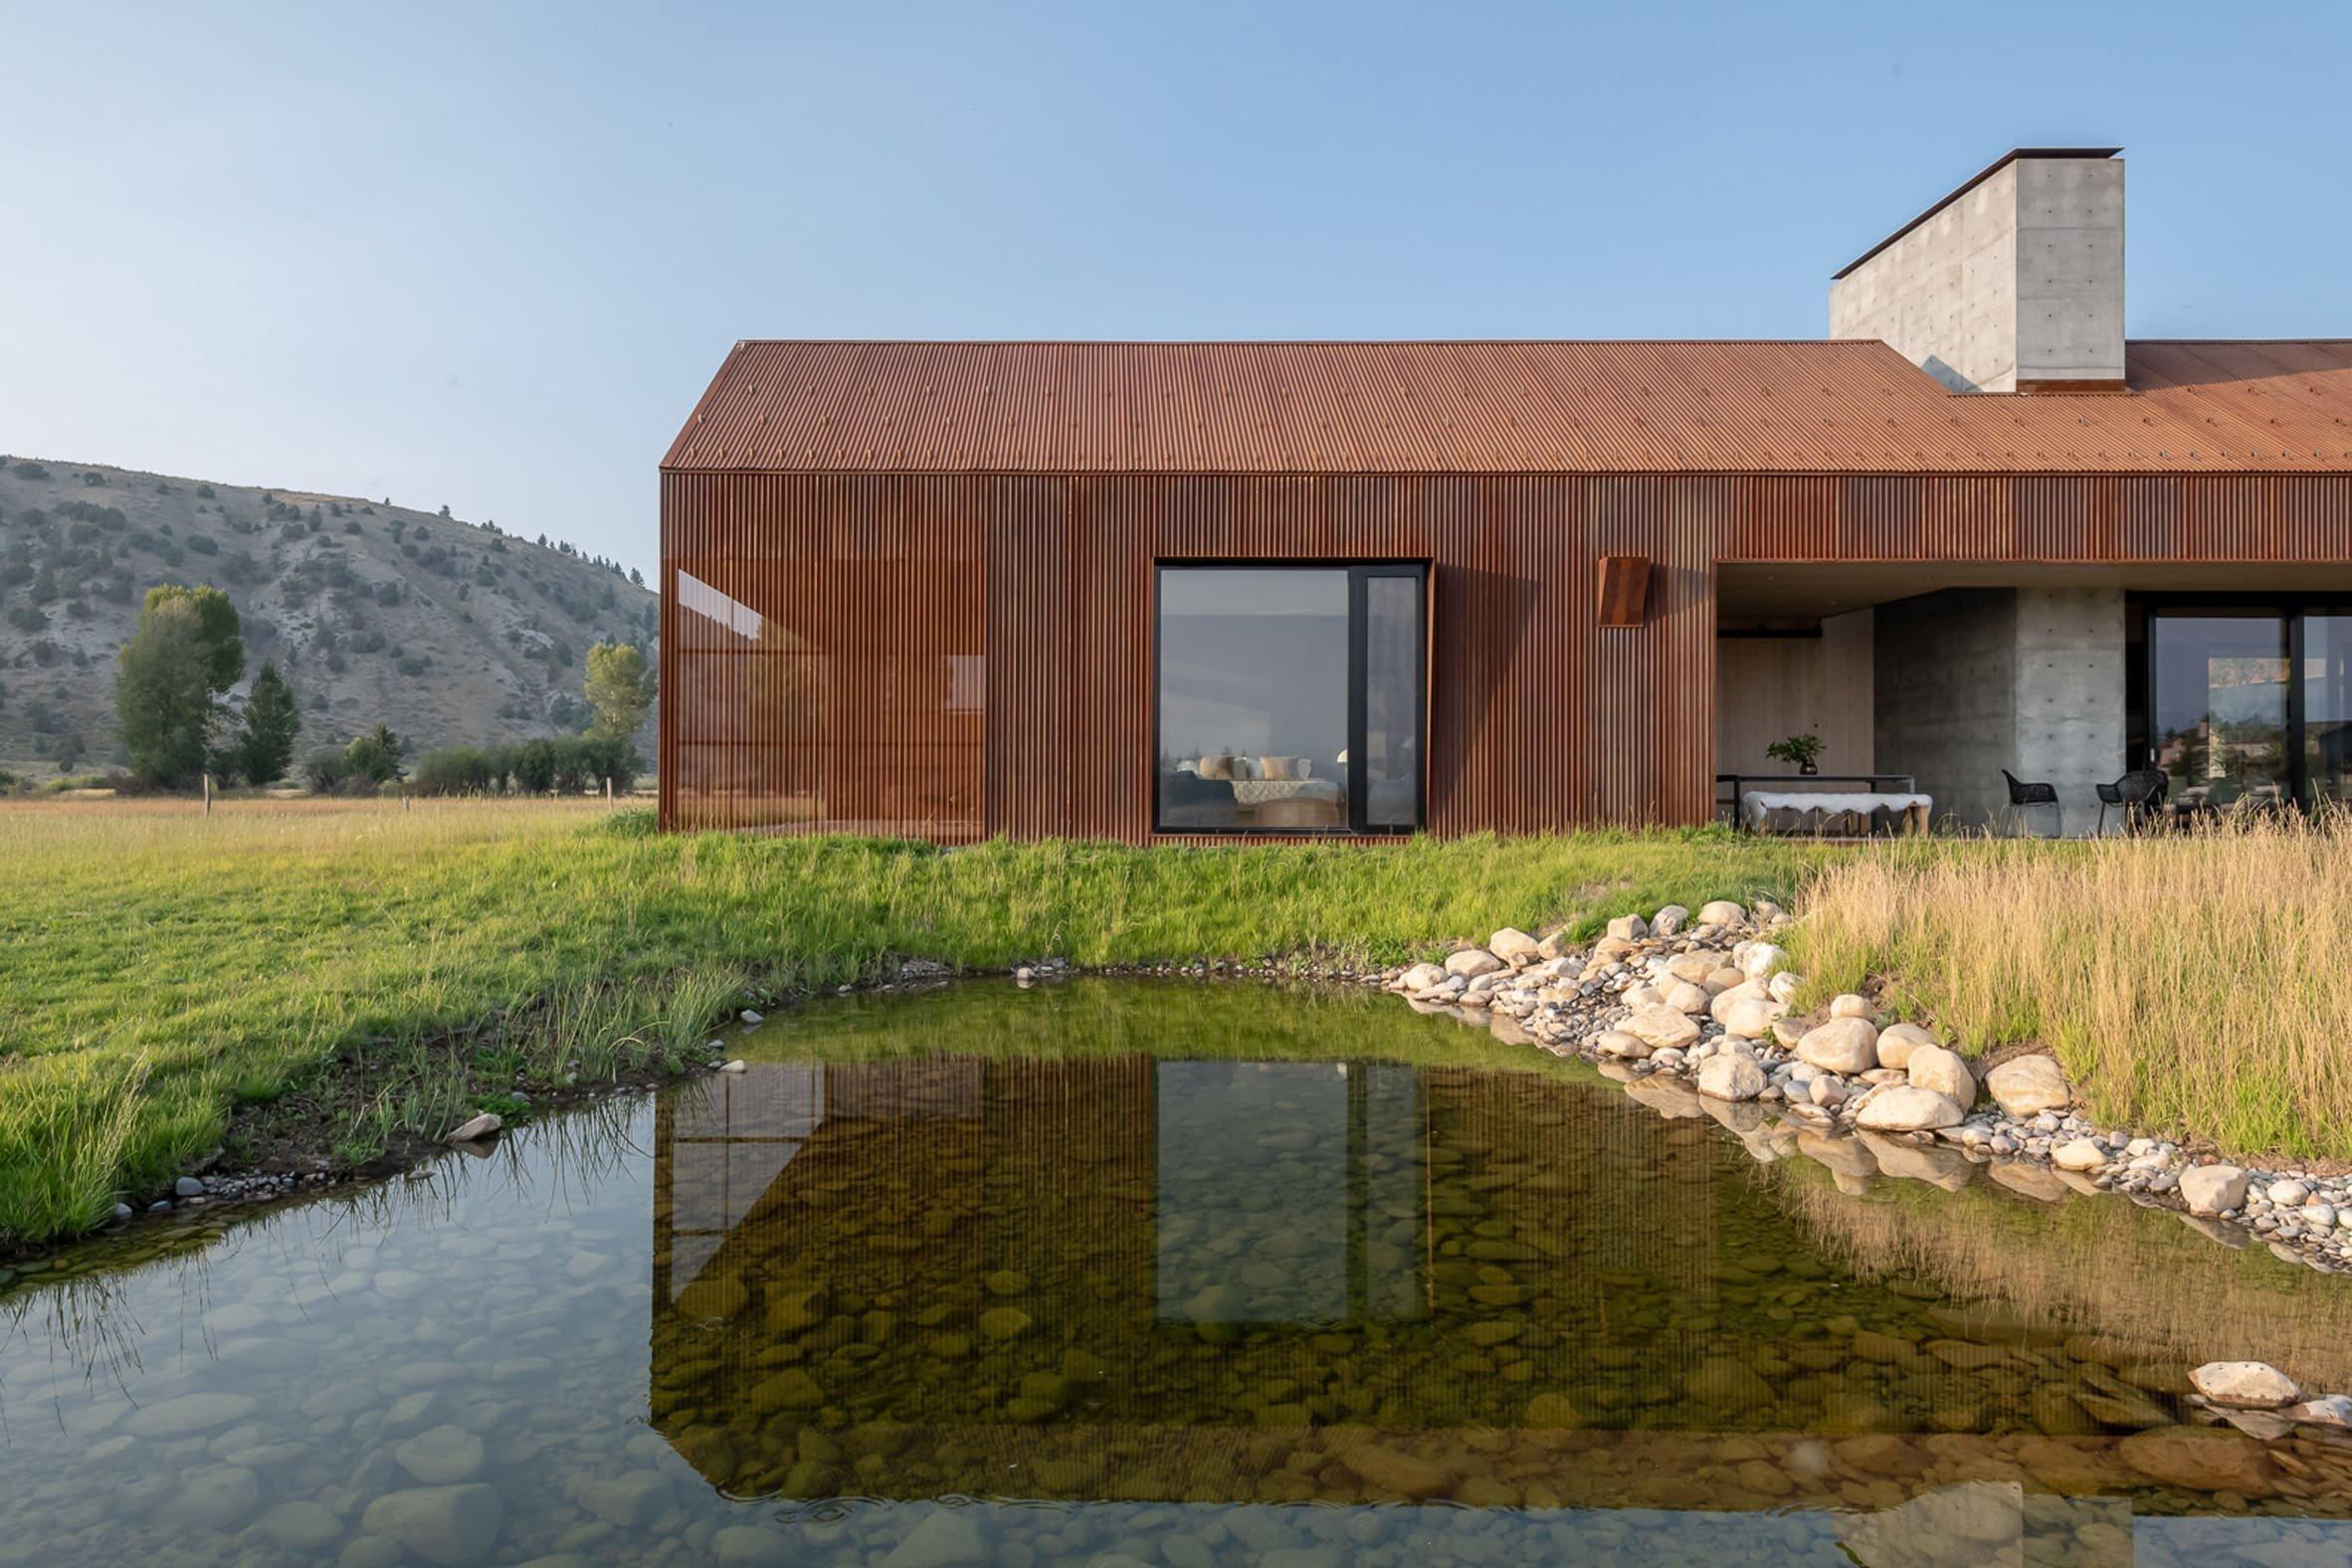 Obrovské prérie a zasněžené vrcholky slouží jako dramatické prostředí pro dům na americkém západě.  Bydlení navržené místní firmou Carney Logan Burke Architects bylo postaveno pro pár v důchodovém věku z Pittsburghu.